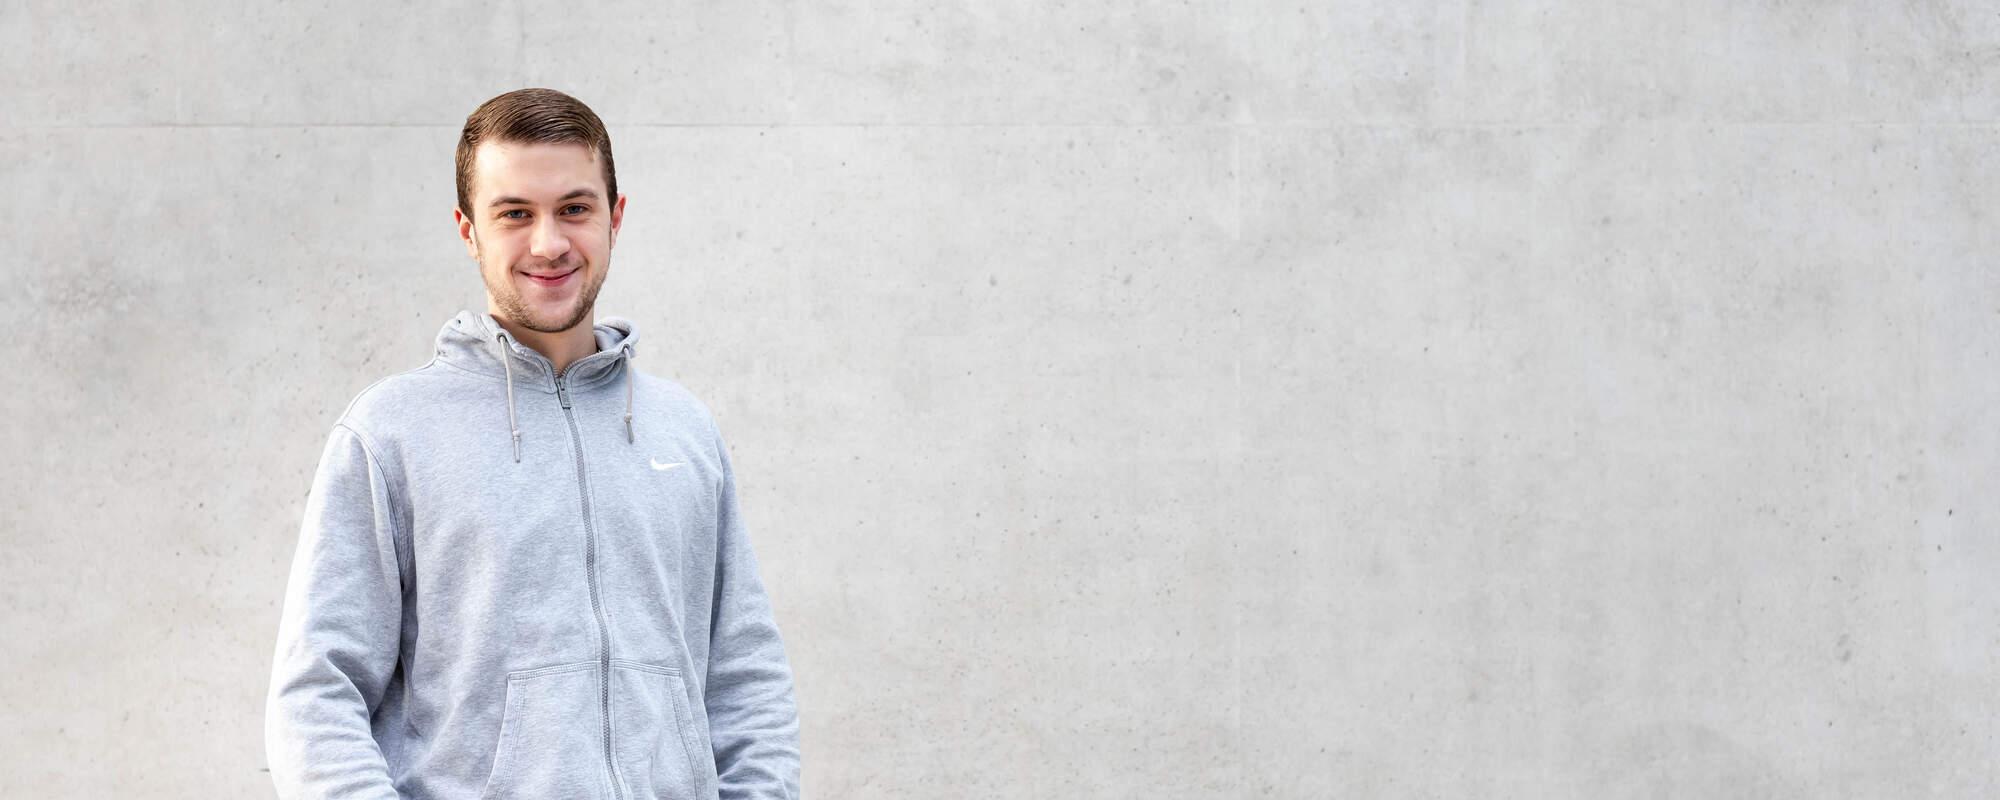 """""""Für ältere Menschen da sein – das erweitert meine Fähigkeiten und Kompetenzen, gleichzeitig kann ich etwas bewirken und Verantwortung übernehmen!""""  Dominik, 22 Jahre"""